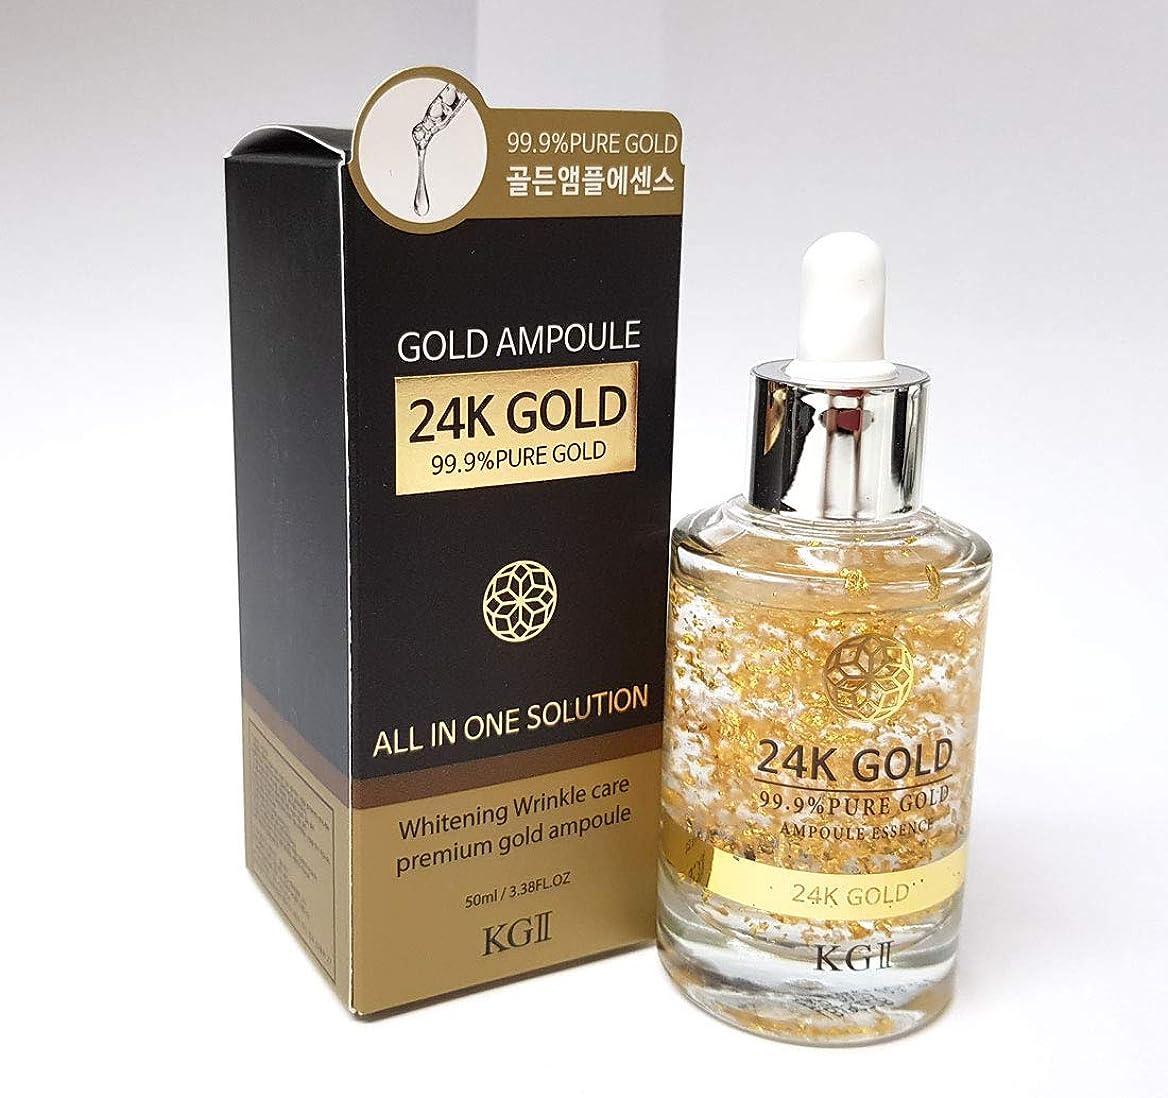 アシスタント貢献する保安[KG2] 24Kゴールドアンプルエッセンス50ml / 24K Gold Ampoule Essence 50ml / 99.9ピュアゴールド / 99.9Pure Gold/シワ&ホワイトニング/wrinkles & whitening/韓国化粧品/Korean Cosmetics [並行輸入品]